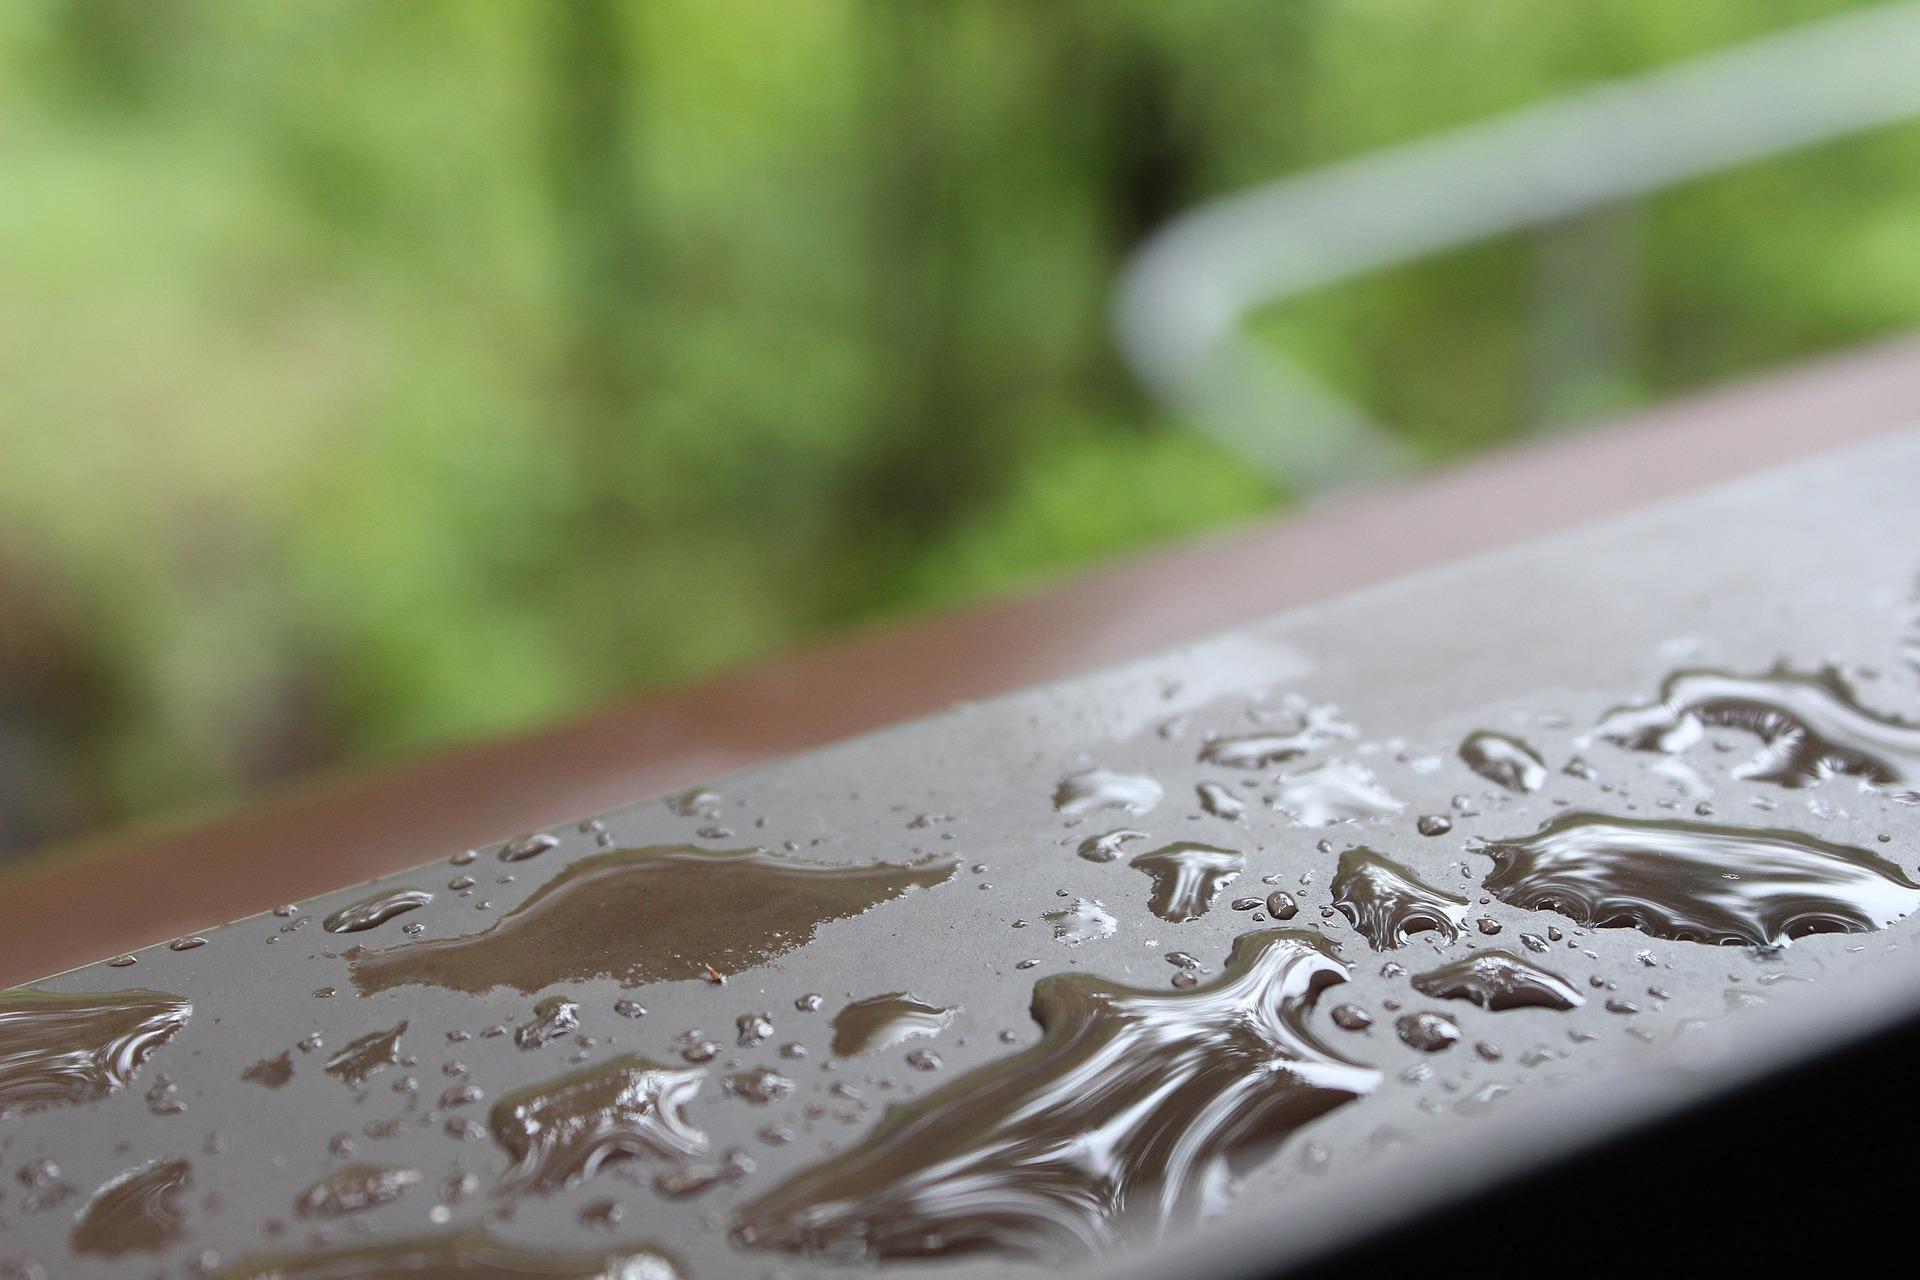 Holzfußboden Wasserschaden ~ Holzfußböden und wasserschaden ein problem? blog parkett